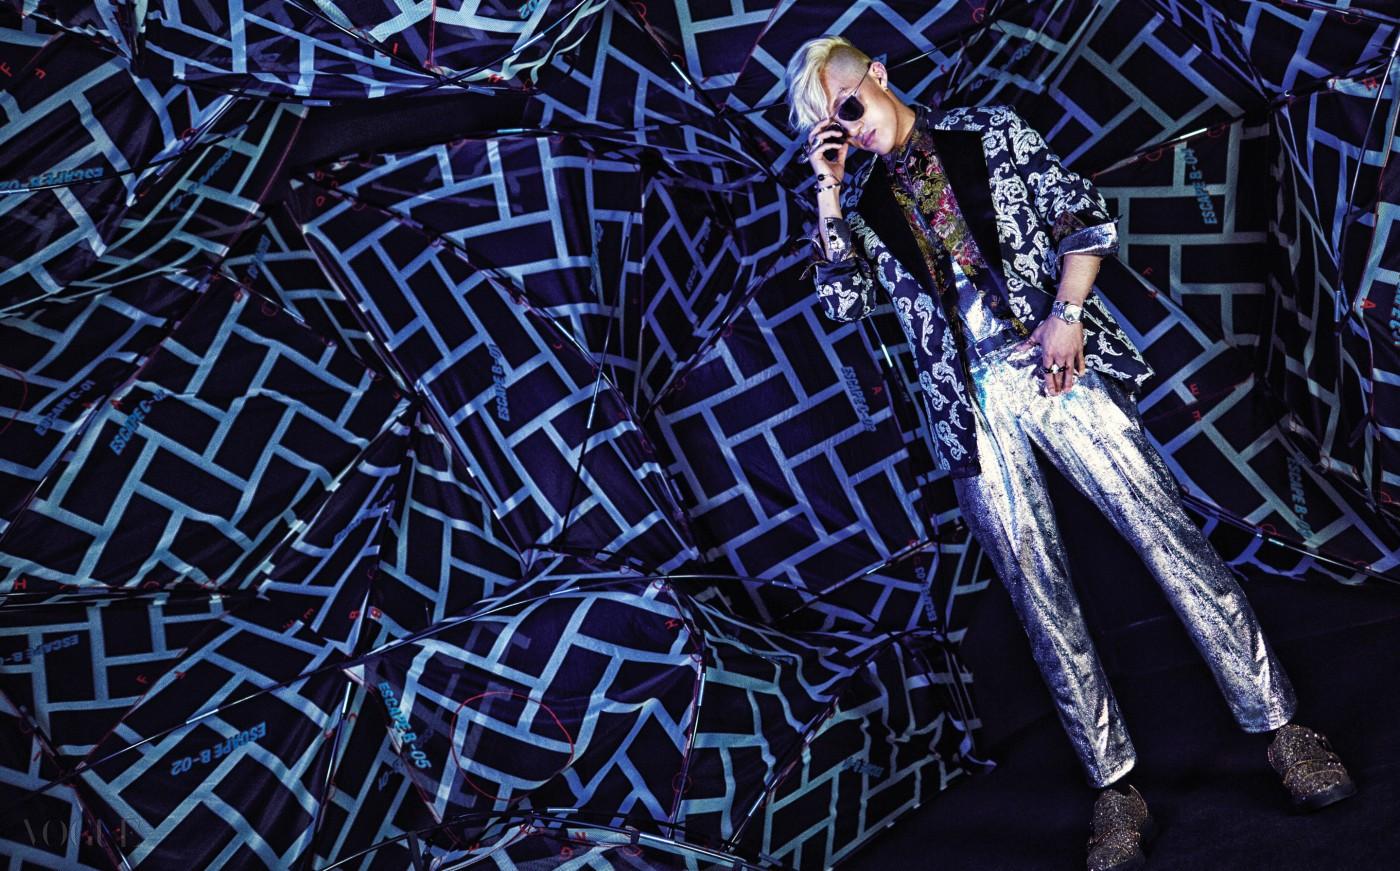 패턴 재킷은 베르사체(Versace), 플라워 패턴 셔츠, 이너, 팬츠는 모두 레쥬렉션(Resurrection by Juyoung), 골드 슈즈는 쥬세페 자노티(Giuseppe Zanotti), 선글라스는 디올 옴므(Dior Homme at Safilo), 양손의 뱅글, 링은 모두 다비데초이(Davidechoi).